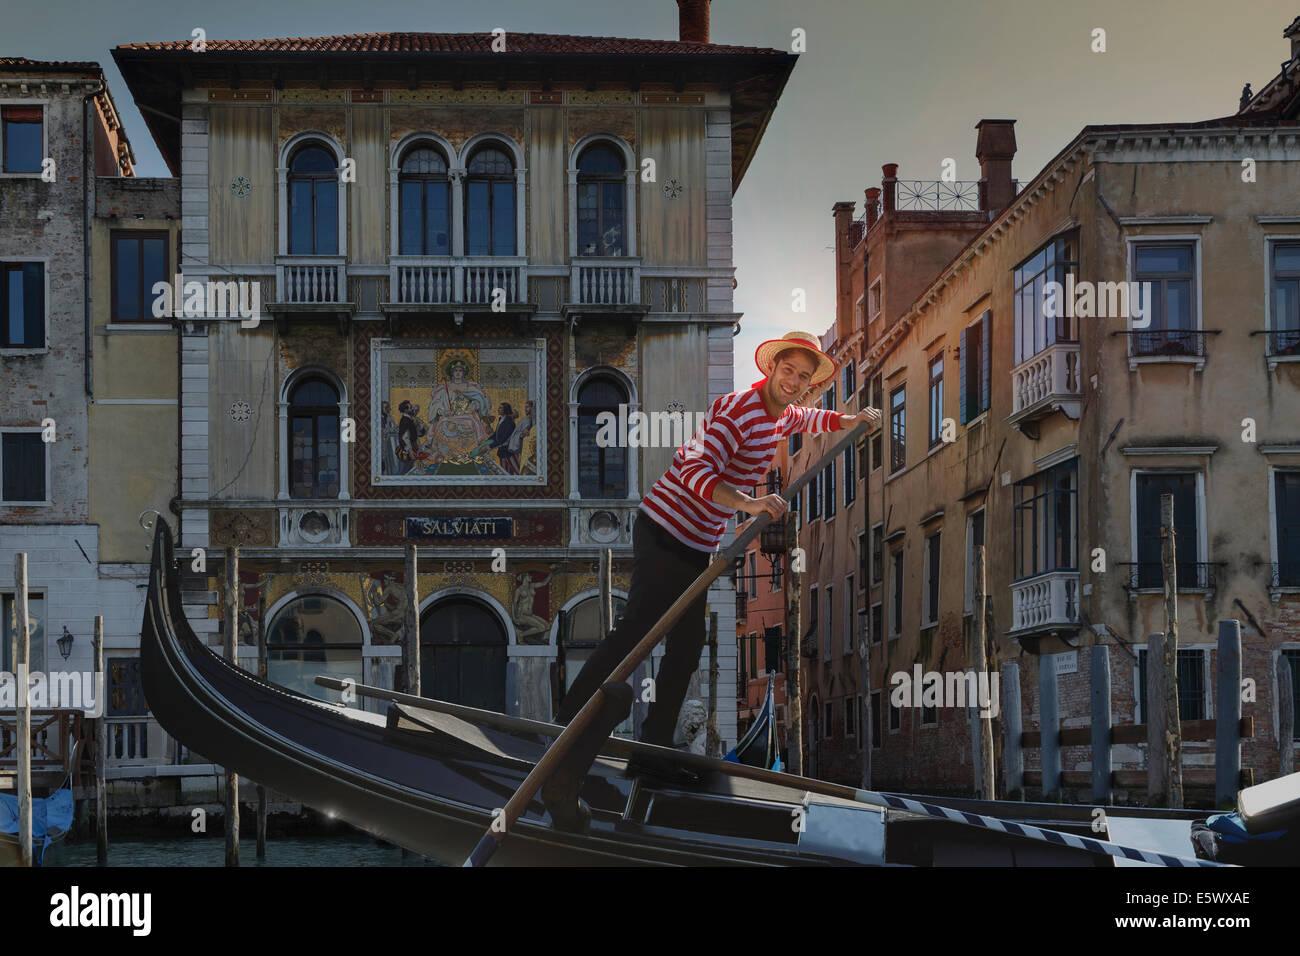 Gondolier on Grand canal, Venice, Veneto, Italy - Stock Image